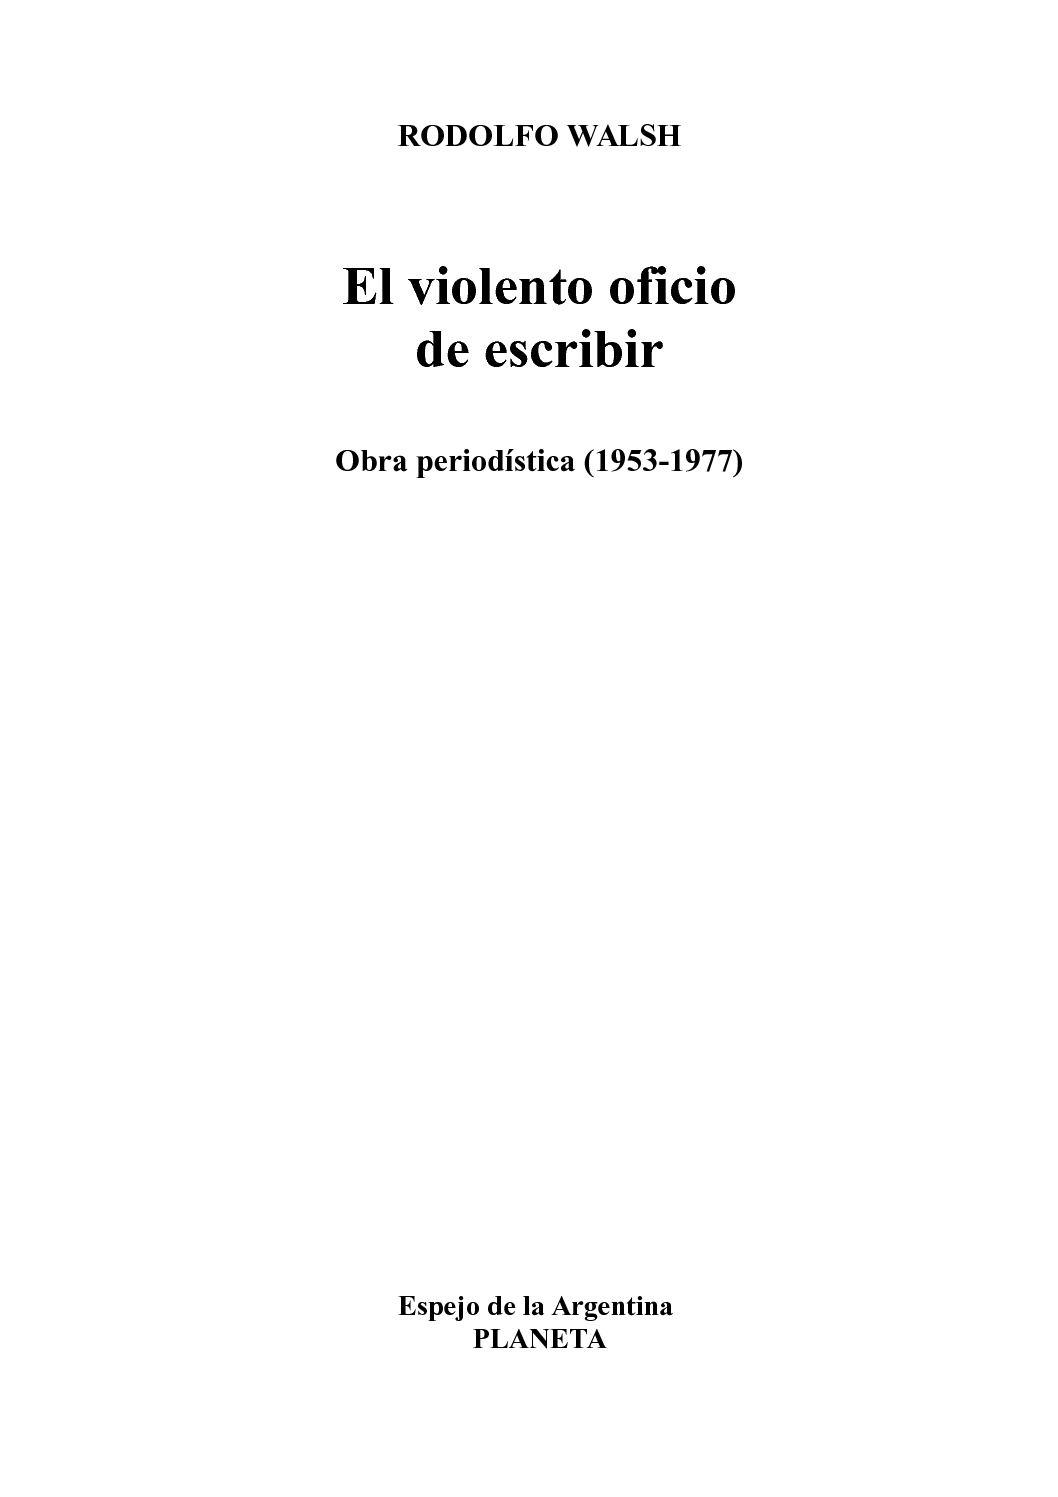 Calaméo - Walsh, Roberto - El violento oficio de escribir